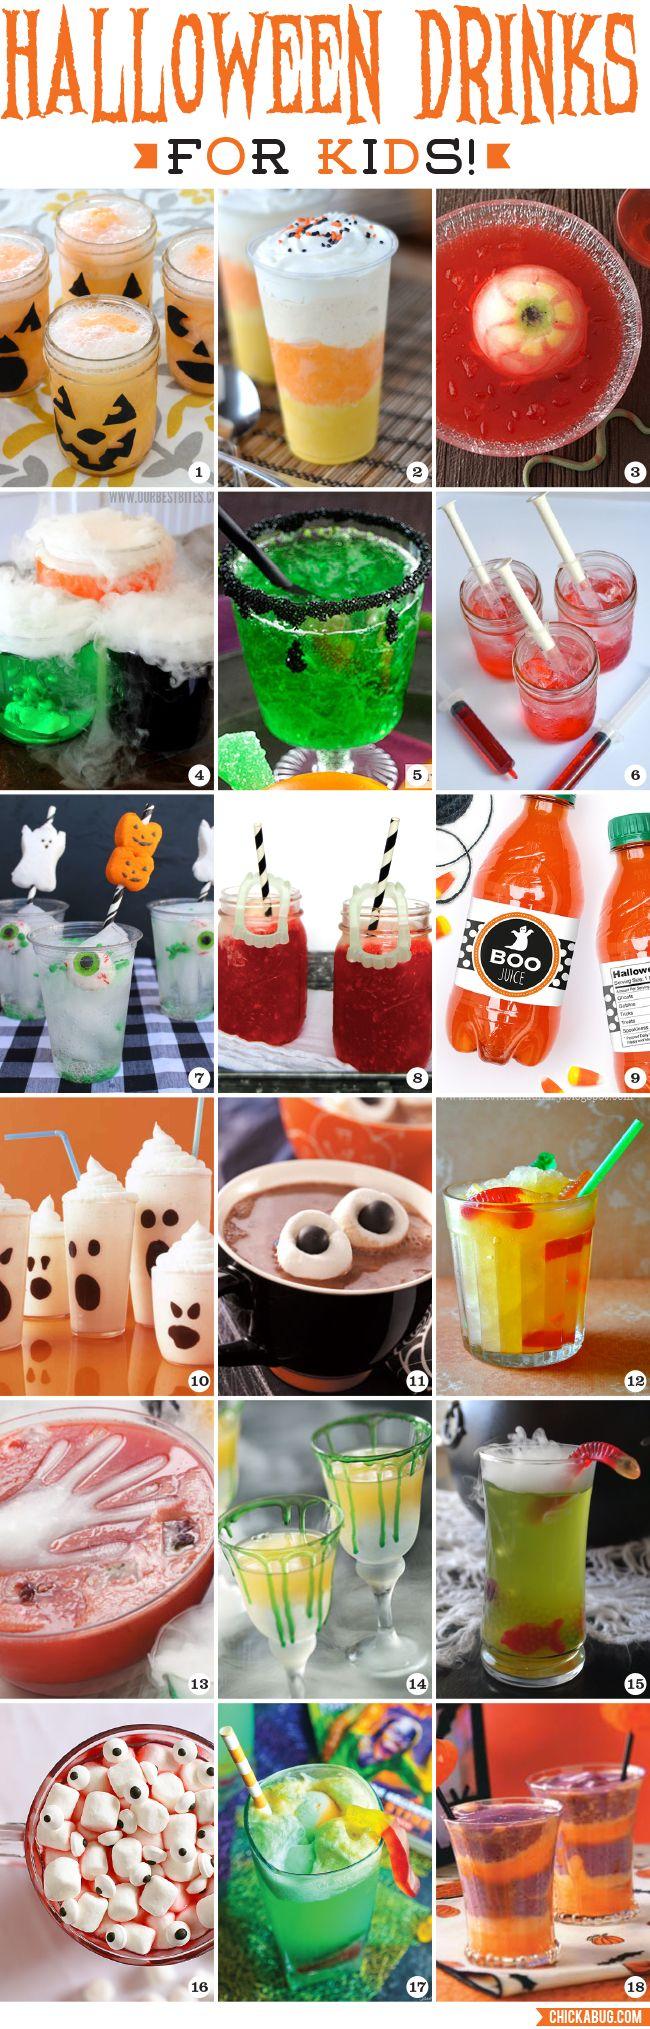 Halloween Drinks for Kids | Halloween parties